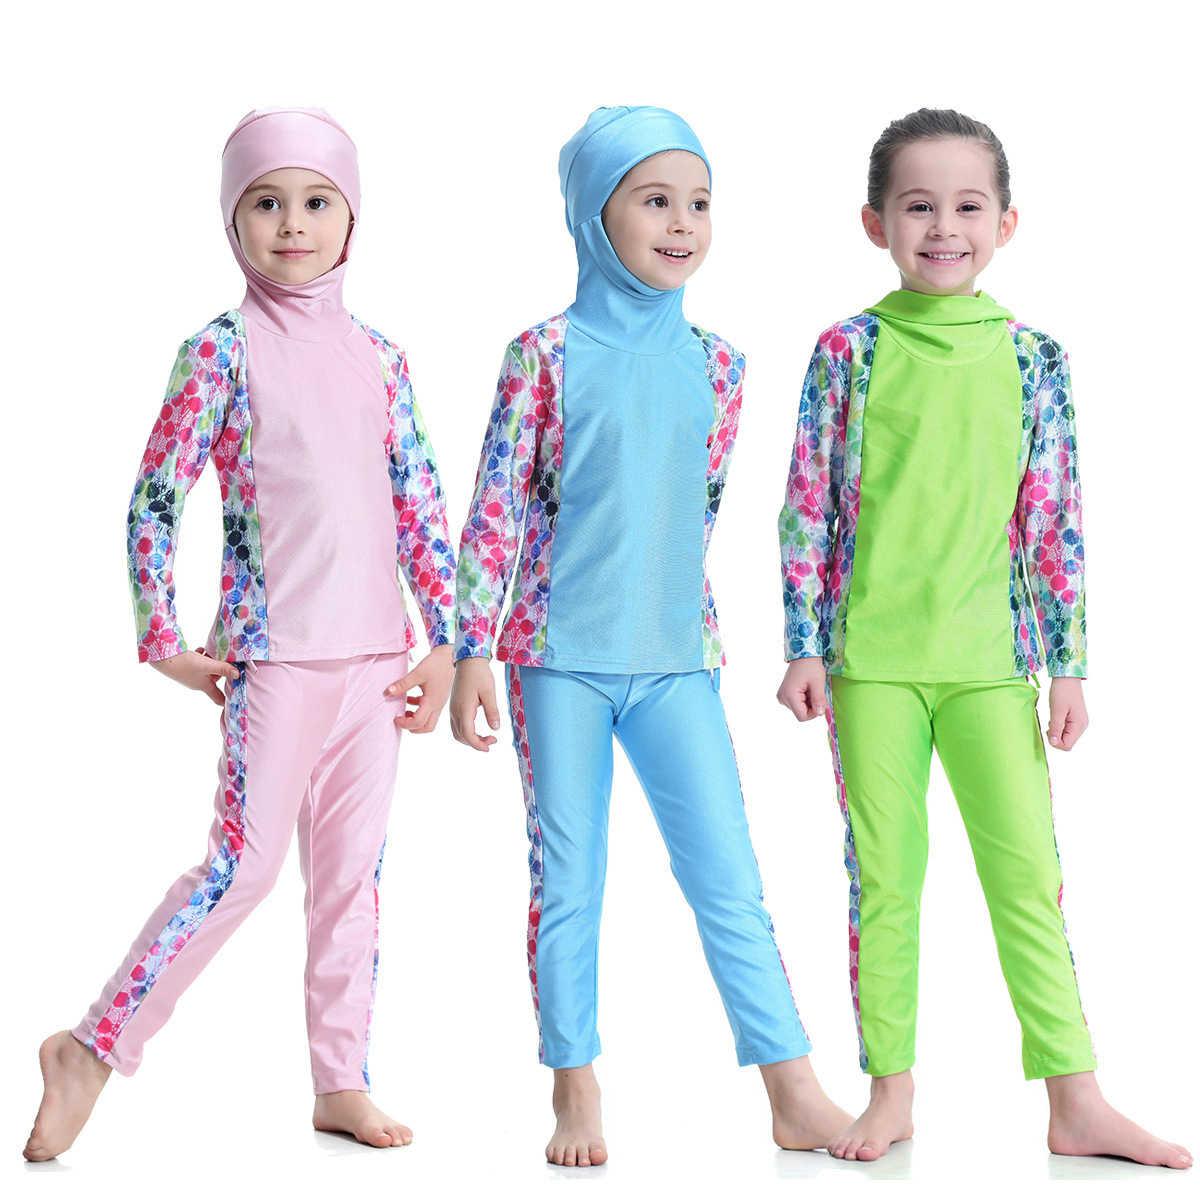 Medio Orientale Delle Ragazze Costumi Da Bagno Conservatore Pieno Costume Da Bagno Hijab Camicia A Maniche Lunghe Pantaloni 2 Pcs Bambini Islamico Musulmano Costumi Da Bagno Costume Da Bagno Per Musulmani Aliexpress